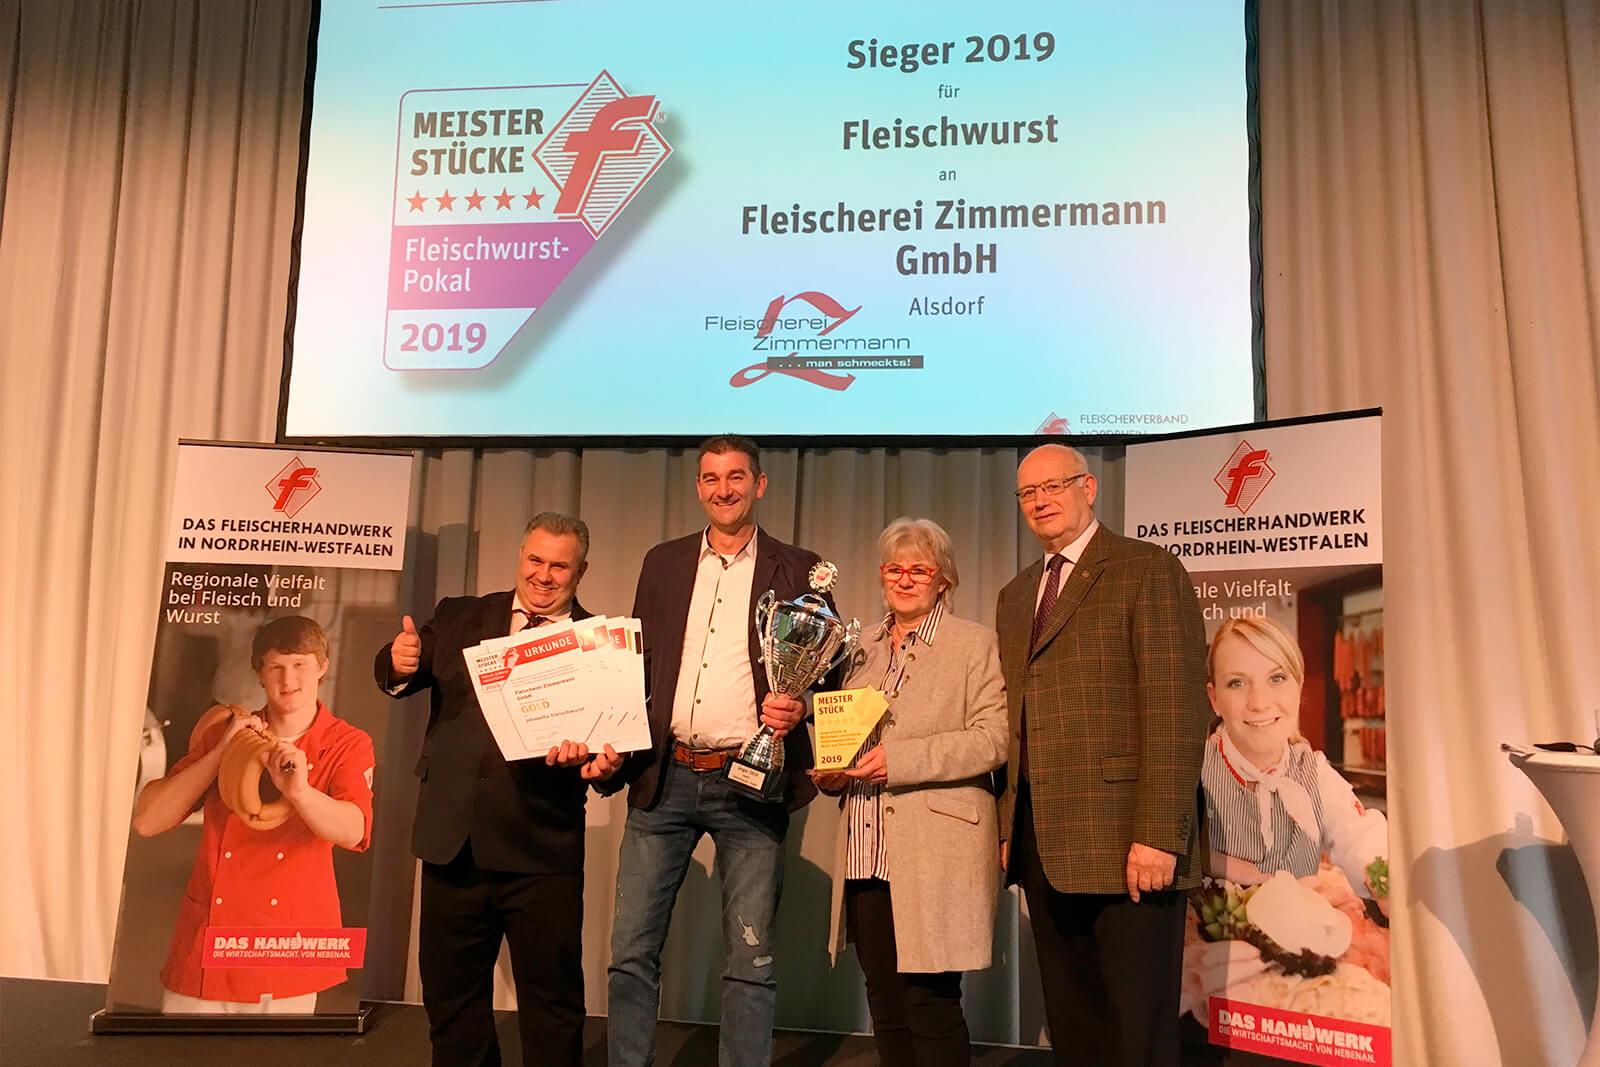 Frank Zimmermann (2.v.r.) und sein Team nahmen in Oberhausen den Siegerpokal für die beste Fleischwurst Deutschlands entgegen. Zudem wurde er insgesamt 13 Mal für seine Produkte mit Gold dekoriert. Links neben ihm Adelbert Wolf (Vorsitzender der Meisterstücke Prüfungskommission, rechts Dr. Sabine Görgen und Manfred Rycken.